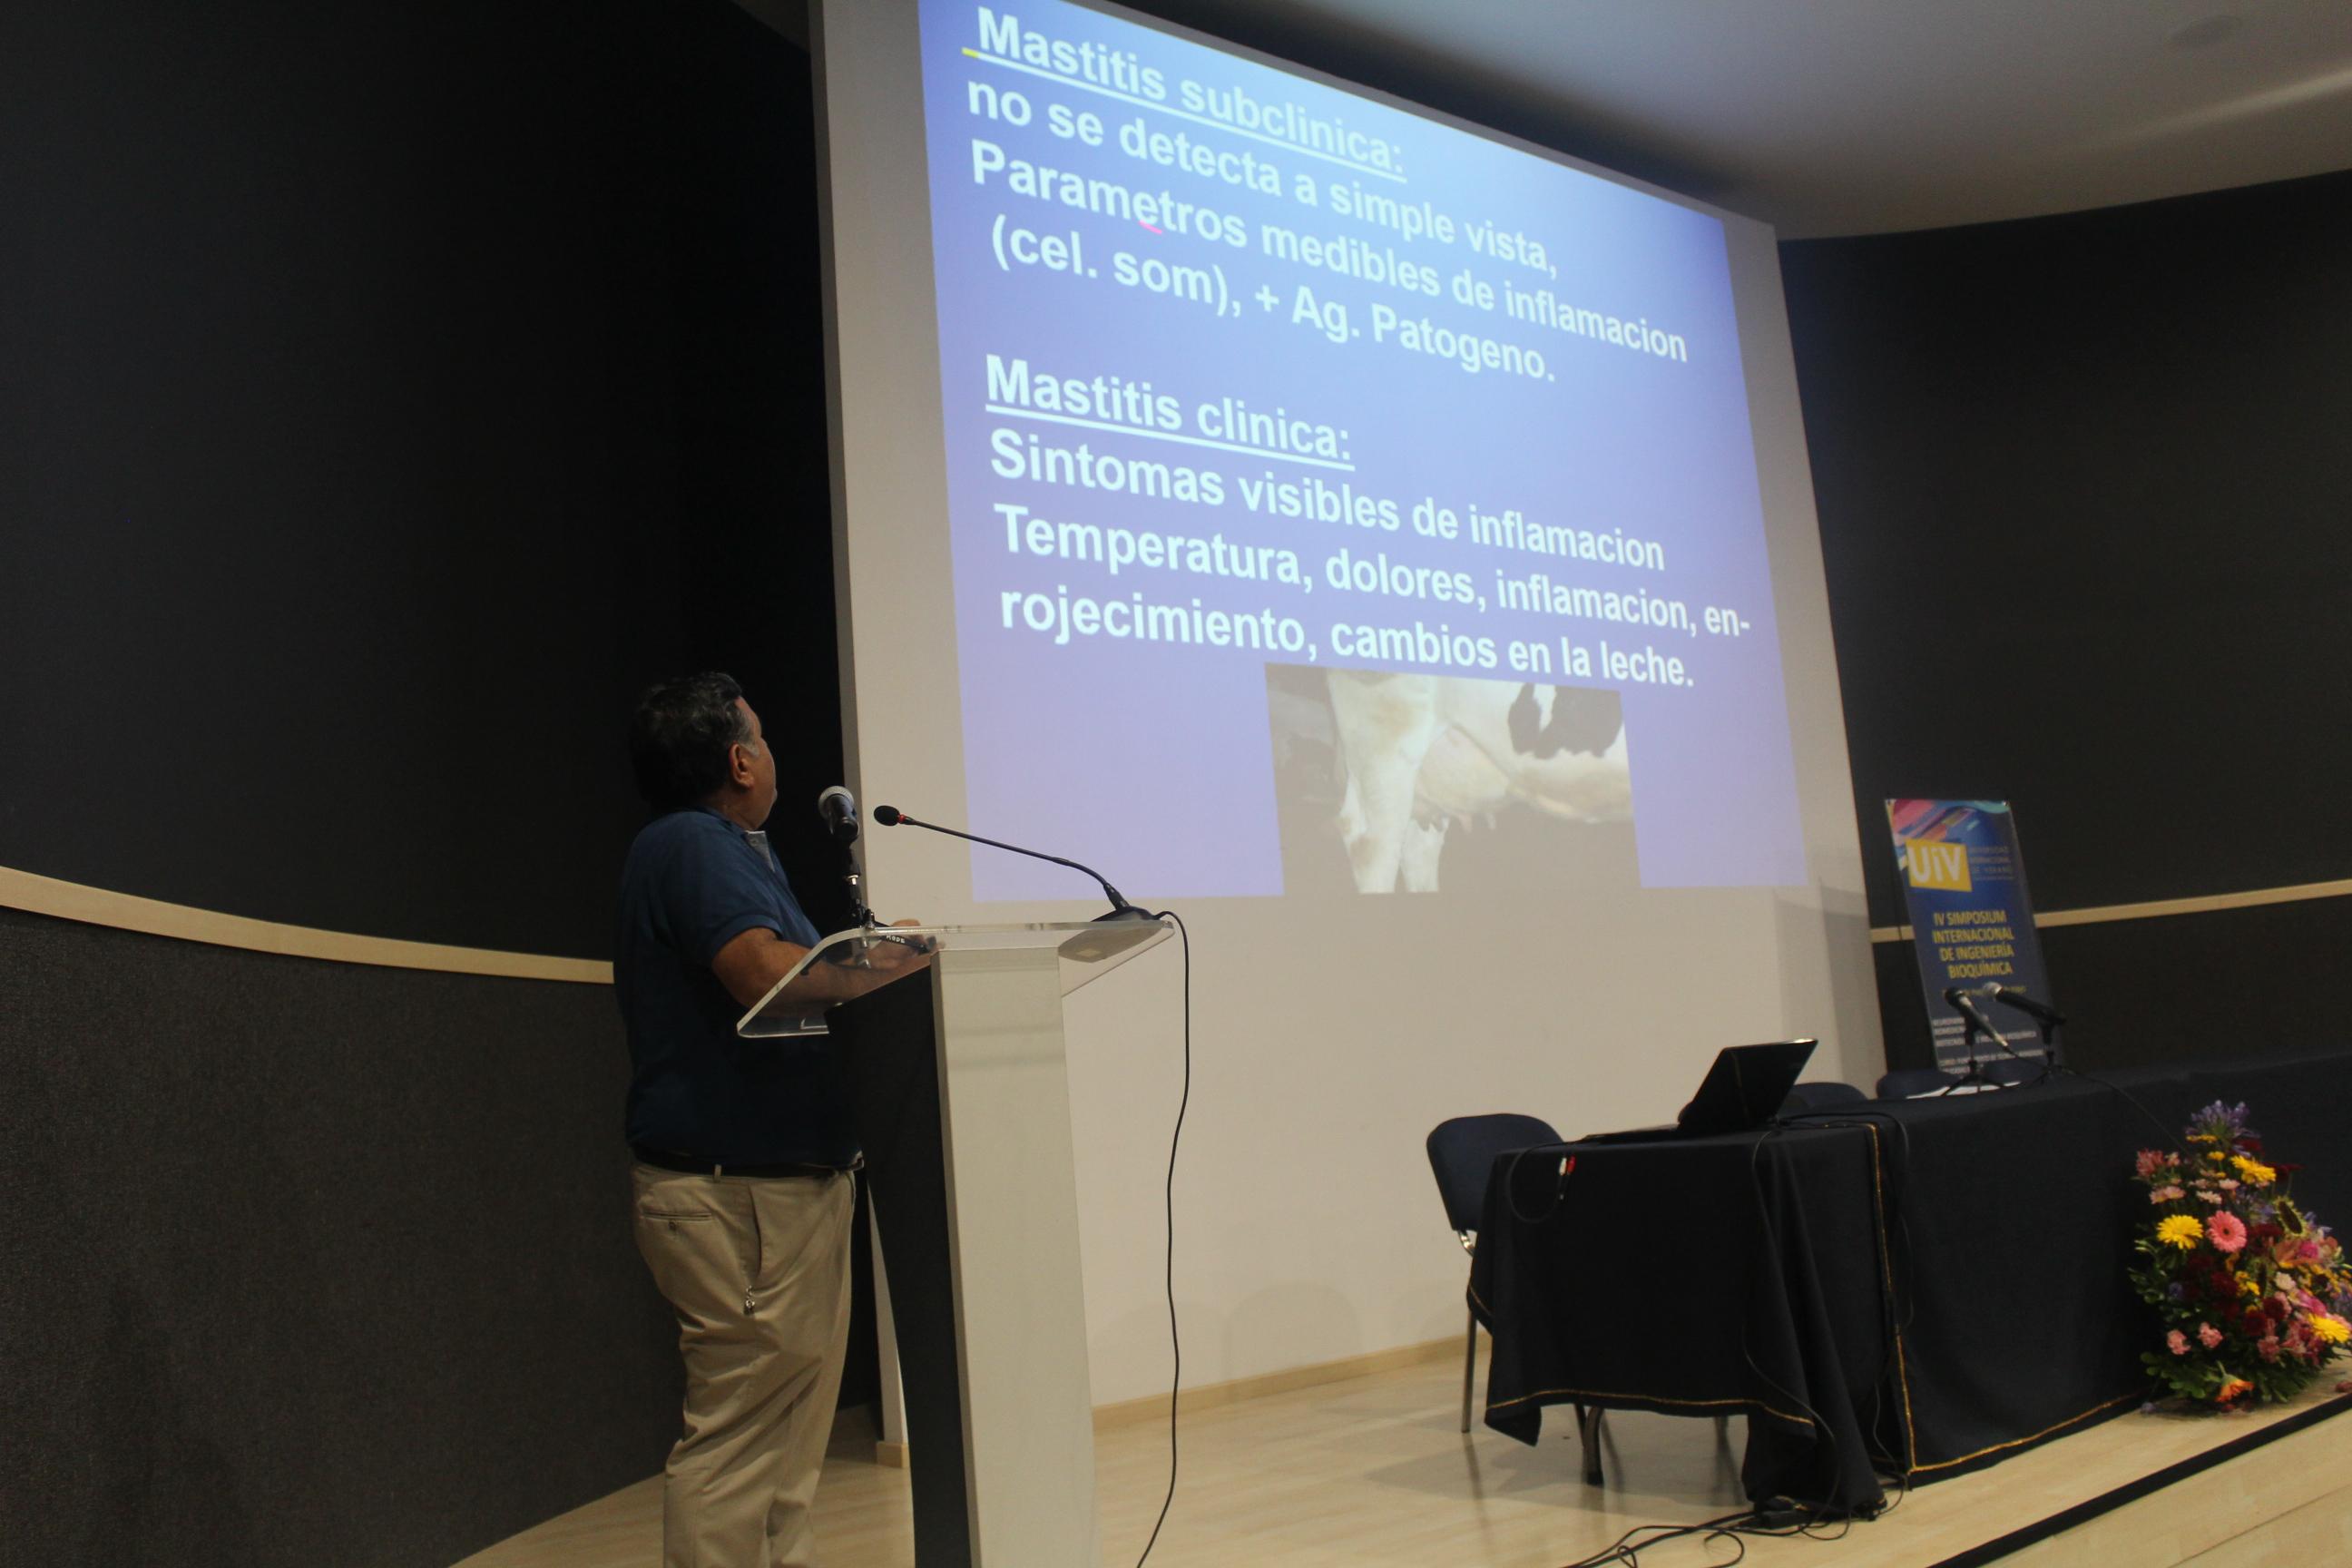 El doctor Hugo Castañeda Vázquez explicó a los asistentes las técnicas de biología molecular en el diagnóstico de mastitis